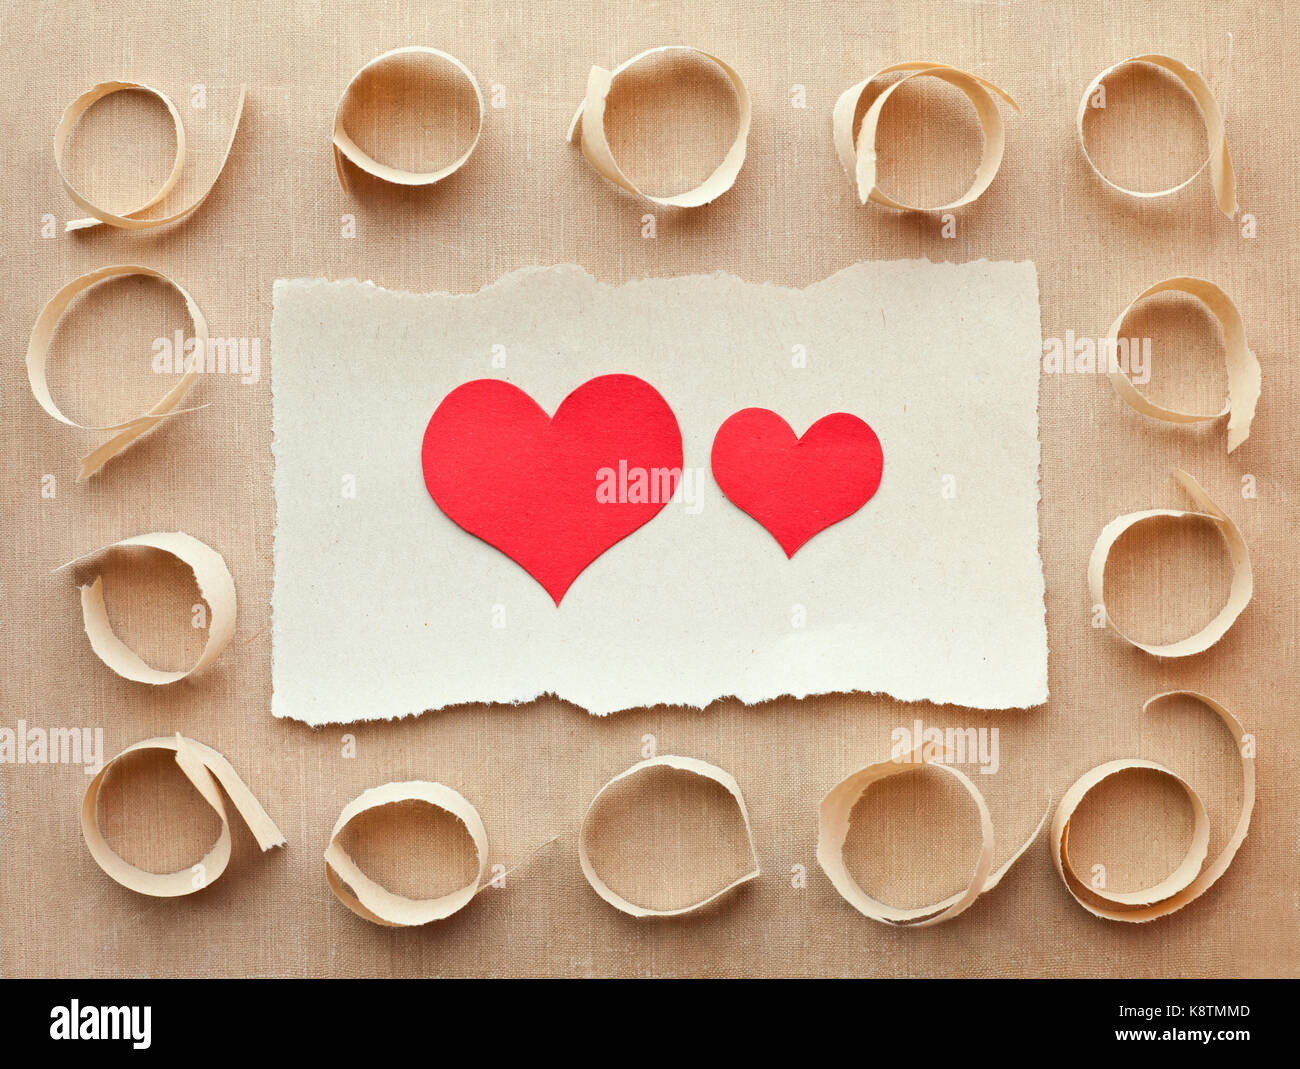 Handgefertigte Karte Aus Zerrissenen Papierstückchen. Schreiben Liebe.  Valentinstag Stockbild